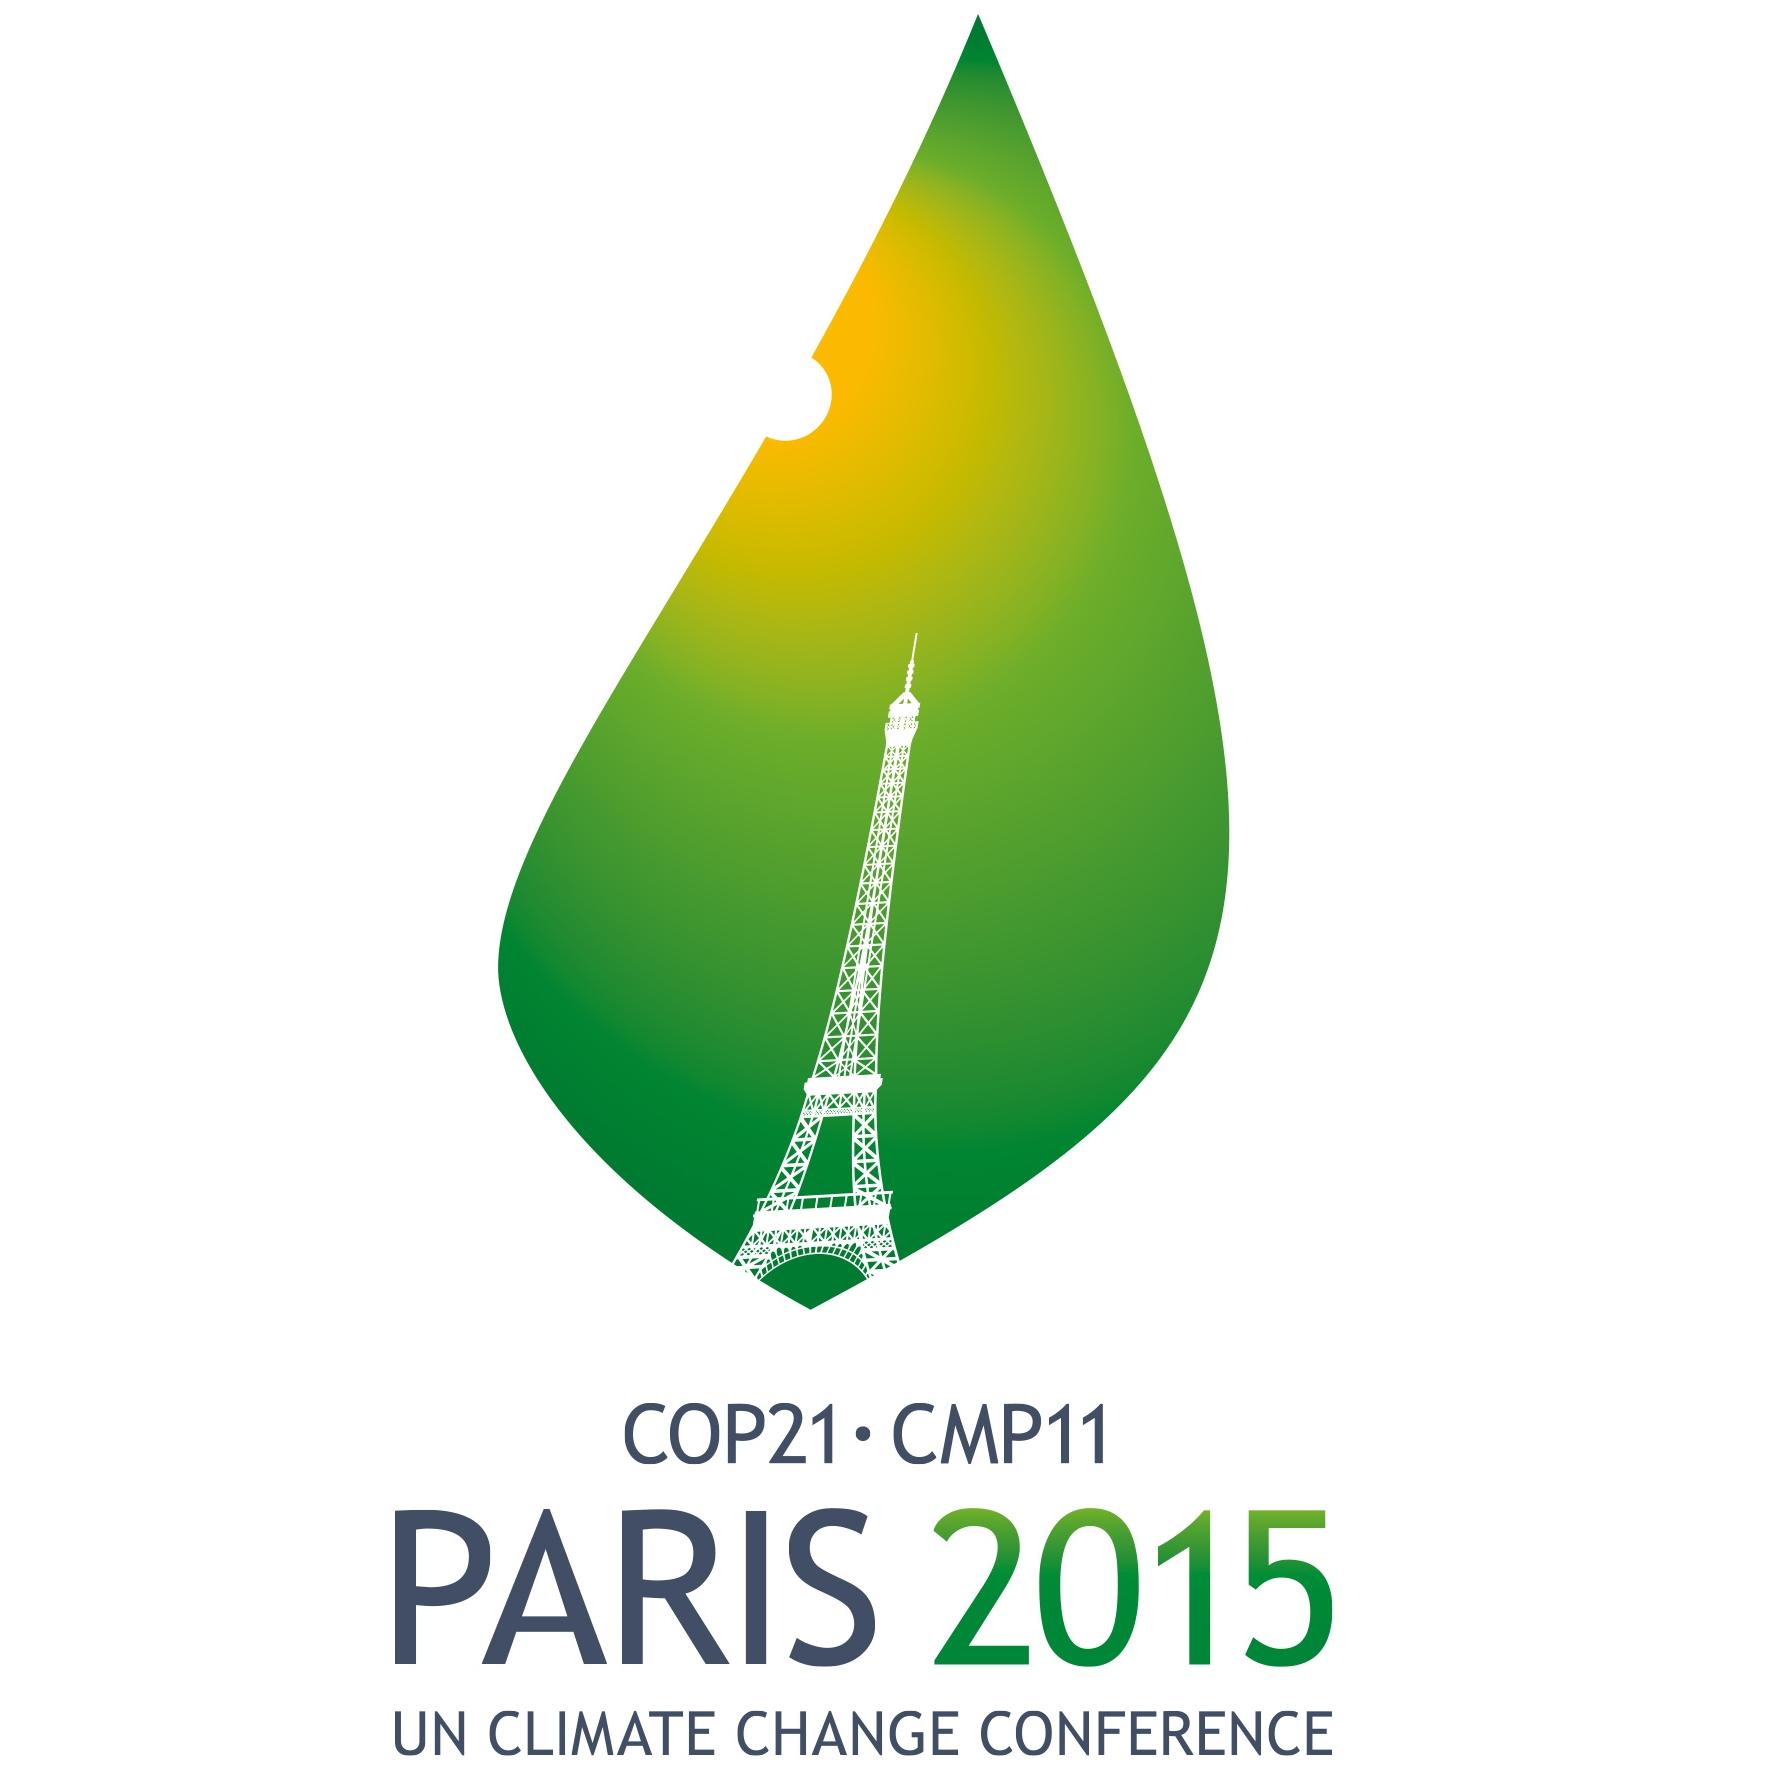 cop21-paris-xii-conferencia-internacional-sobre-el-cambio-climatico